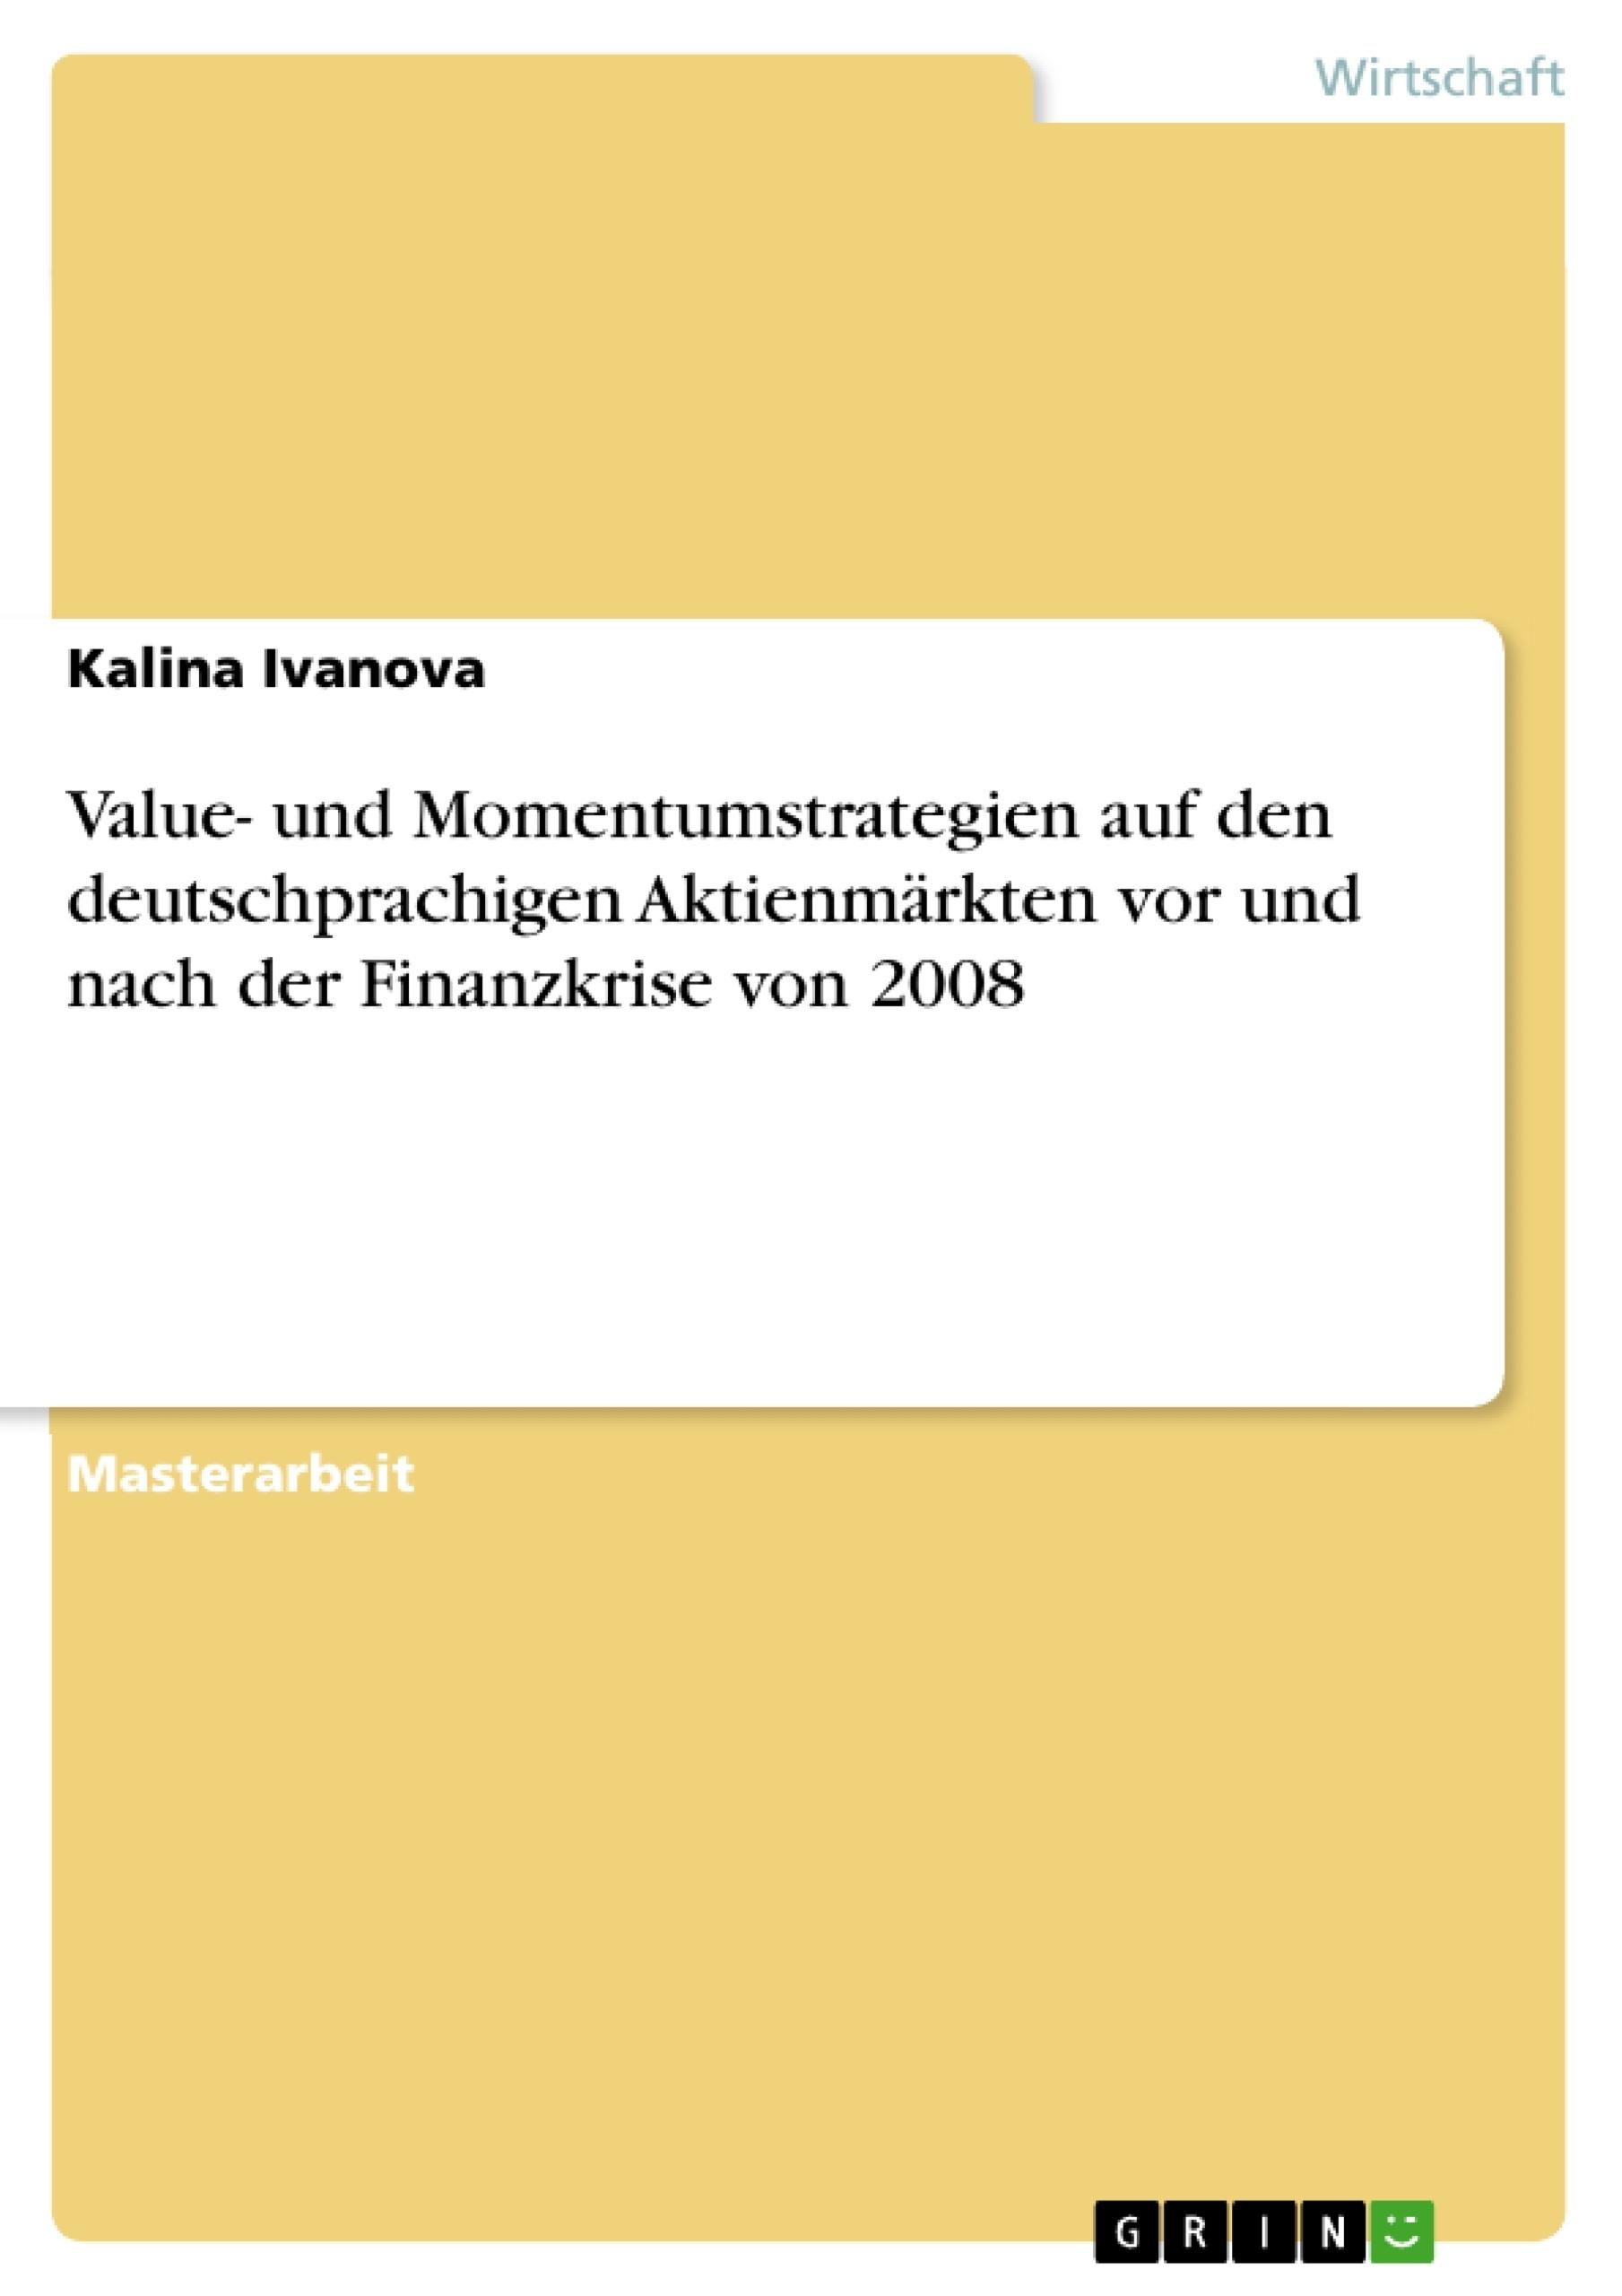 Titel: Value- und Momentumstrategien auf den deutschprachigen Aktienmärkten vor und nach der Finanzkrise von 2008